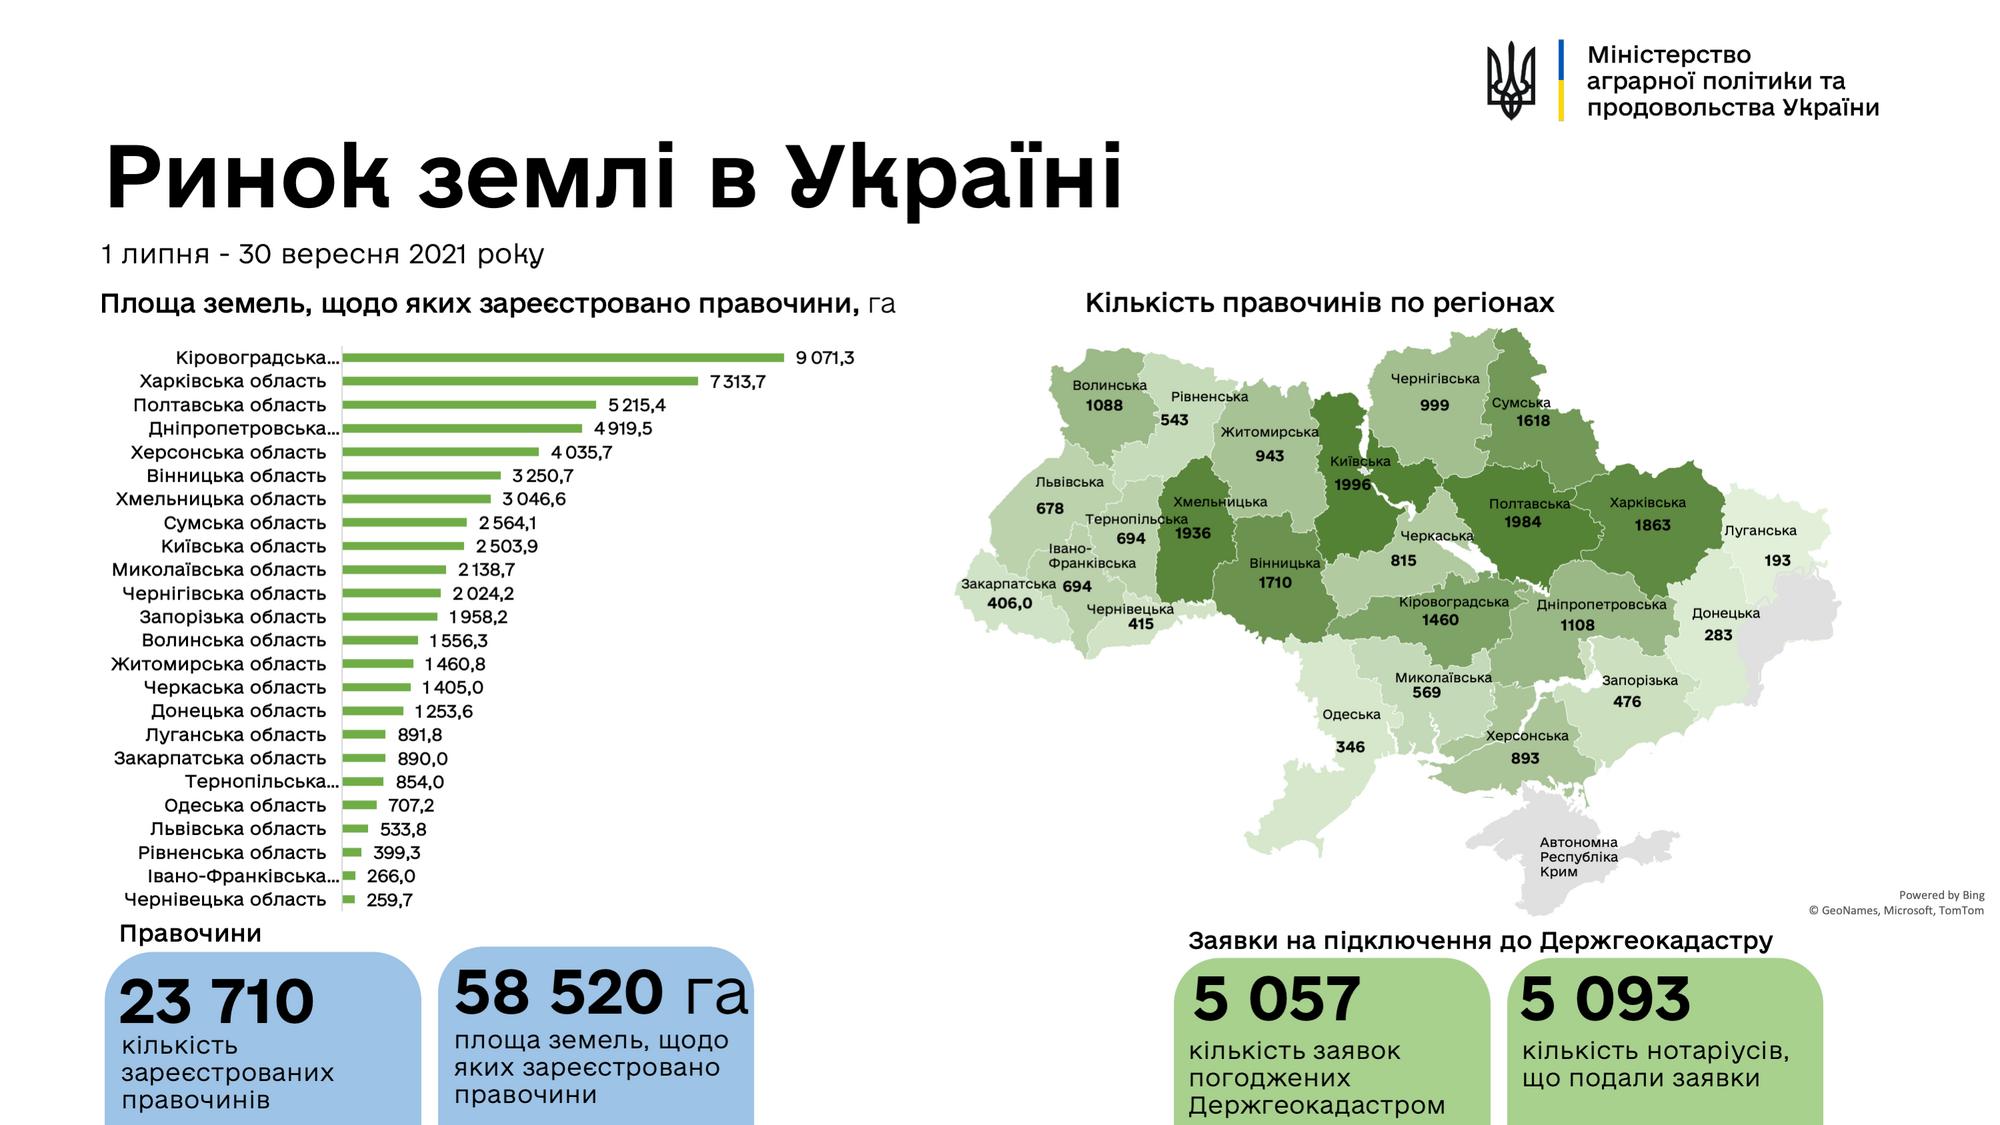 Количество земельных сделок в Украине